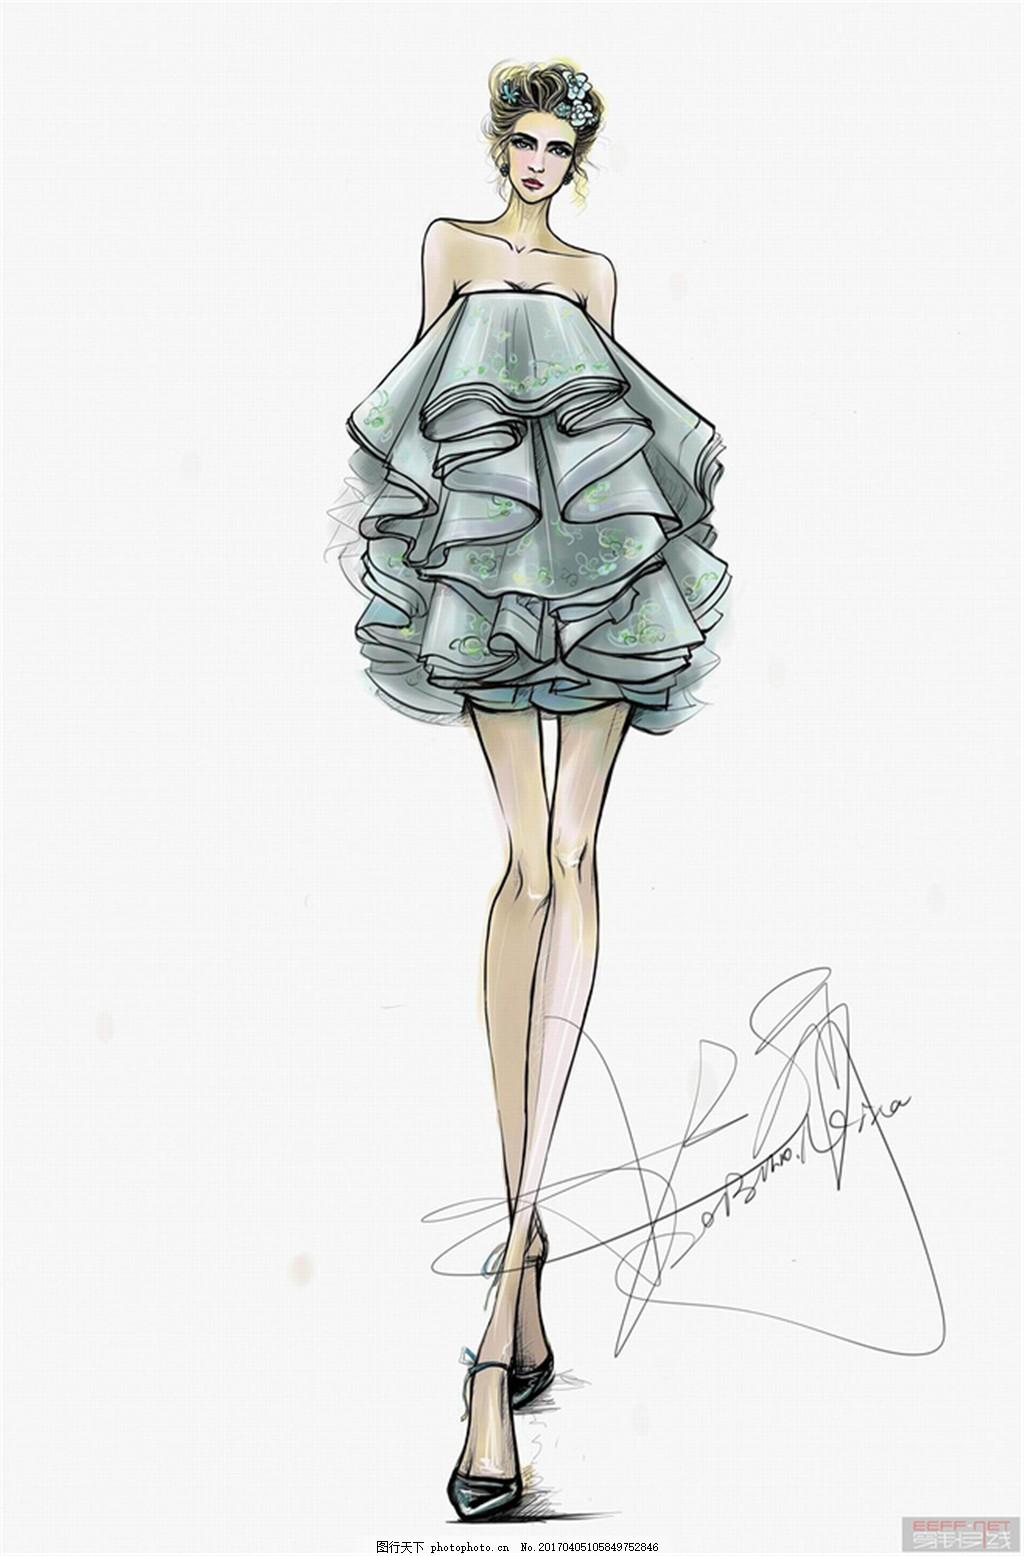 浅蓝色抹胸短裙设计图 服装设计 时尚女装 职业女装 职业装 女装设计